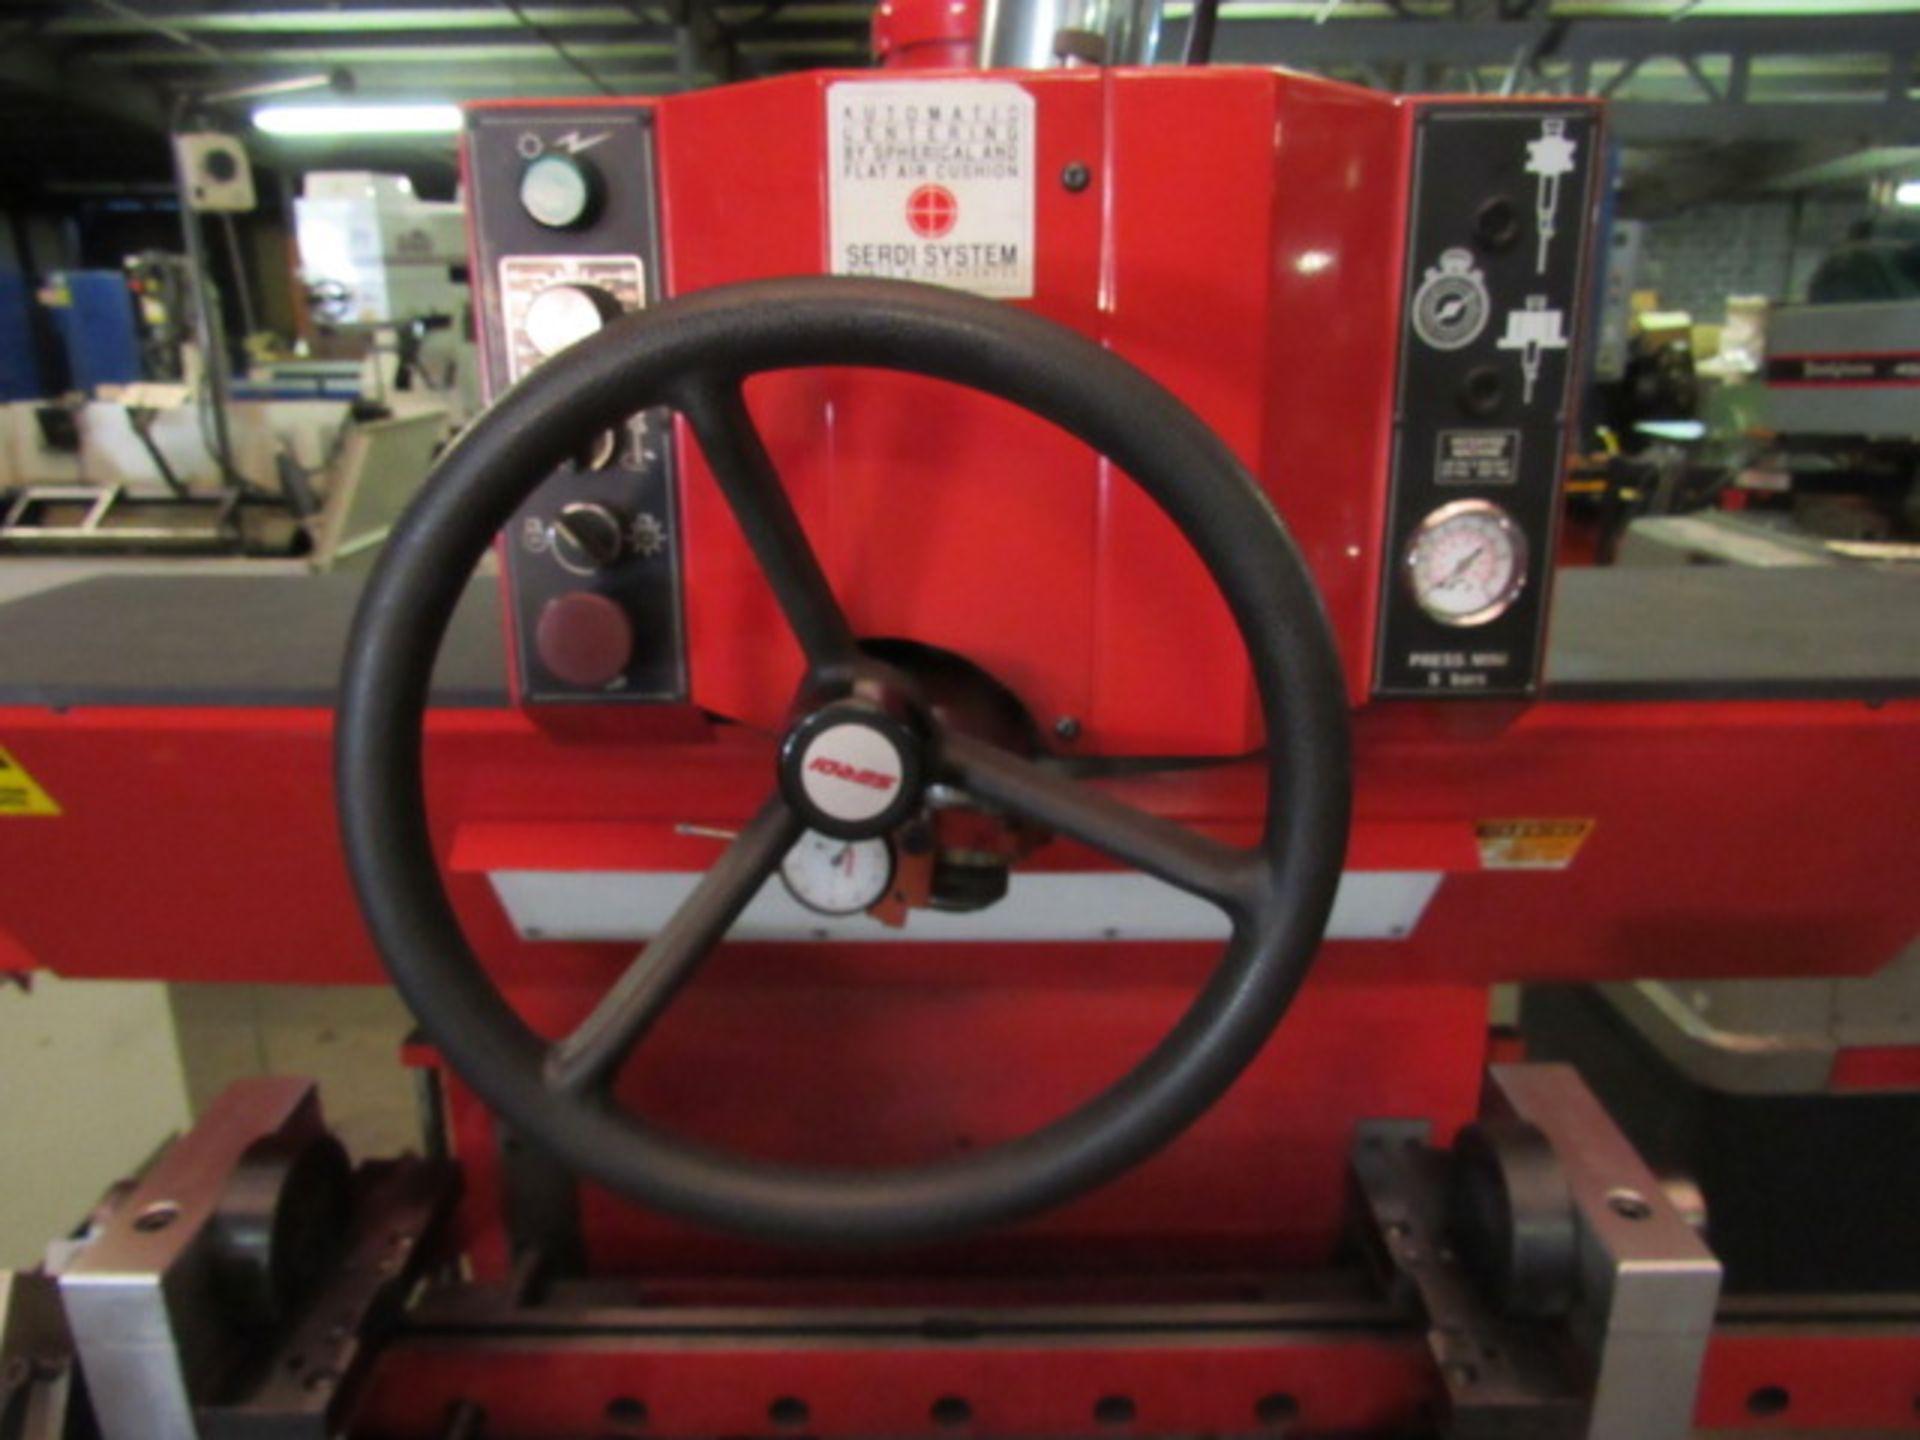 Lot 30A - Serdi Model 100 Valve Seat Cutting Machine, sn:1796